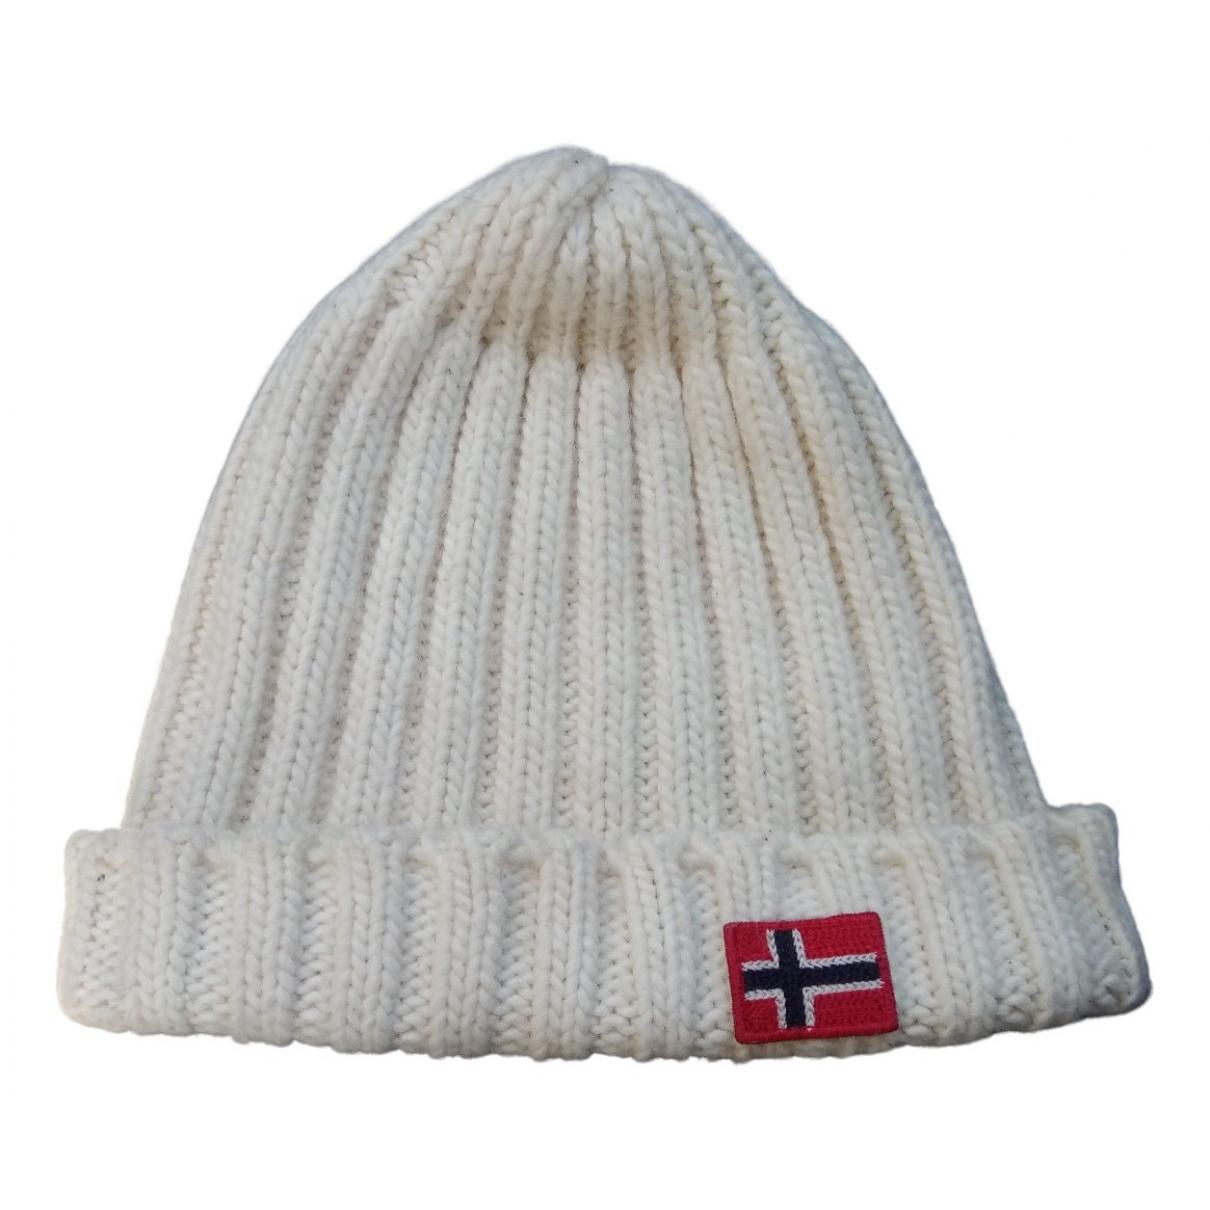 Napapijri N Beige Wool hat for Women M International